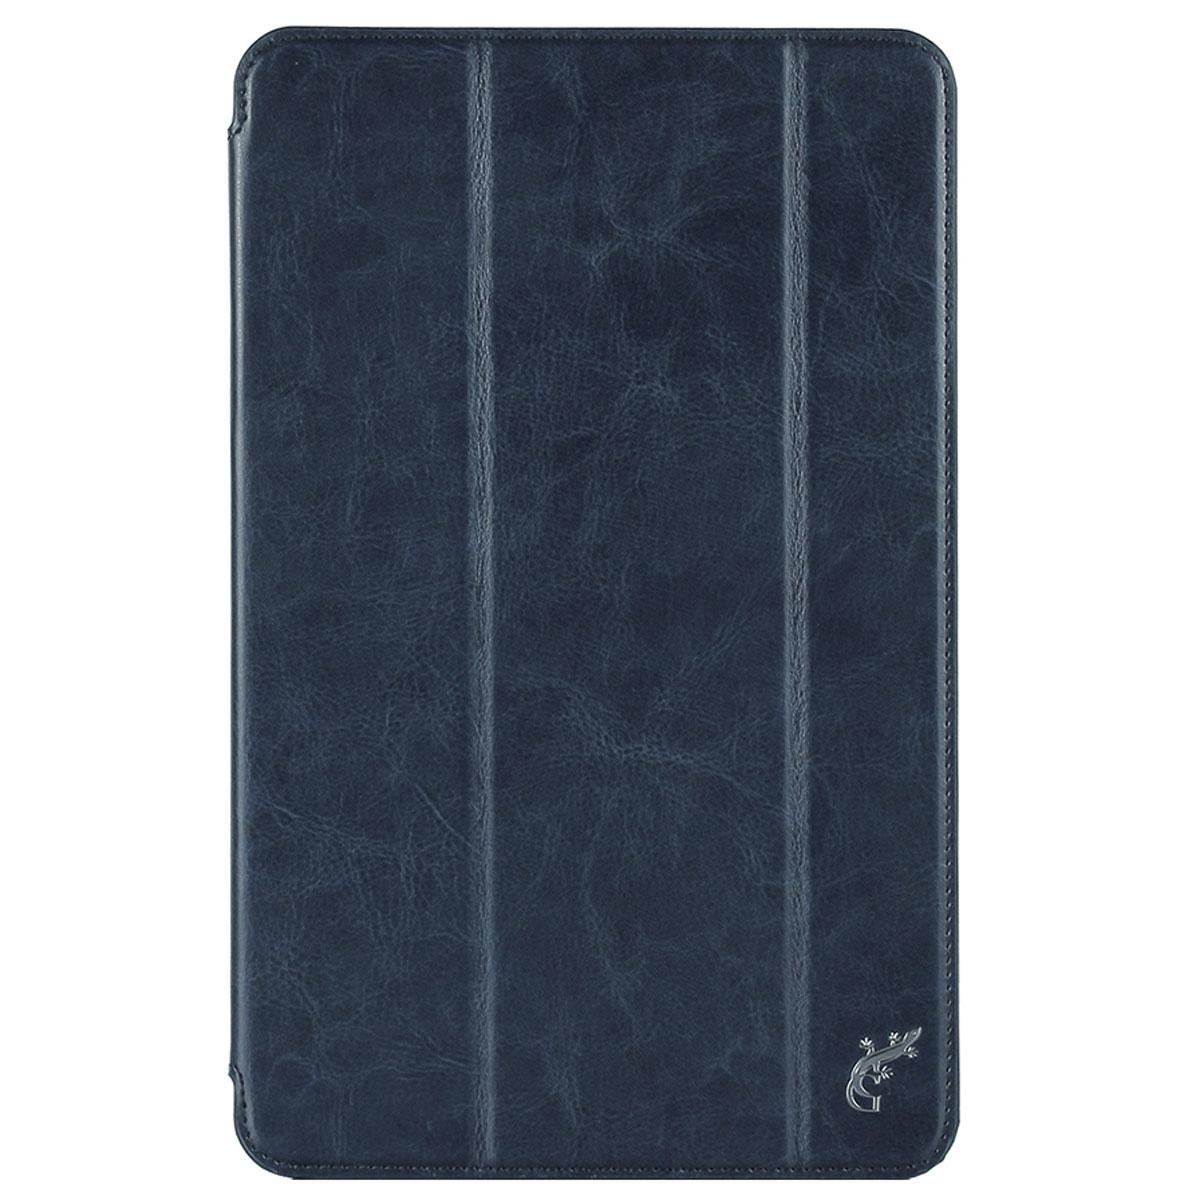 G-Case Slim Premium чехол для Samsung Galaxy Tab Е 9.6, Dark BlueGG-622Защитный чехол G-Case Slim Premium для планшета Samsung Galaxy Tab Е 9.6 отличается высокой степенью защиты от попадания влаги и пыли, а также падений и механических ударов. Среди конструктивных особенностей защитного чехла G-case можно отметить наличие двухпозиционной подставки, благодаря которой устройство можно установить в нескольких положениях для удобства пользования.